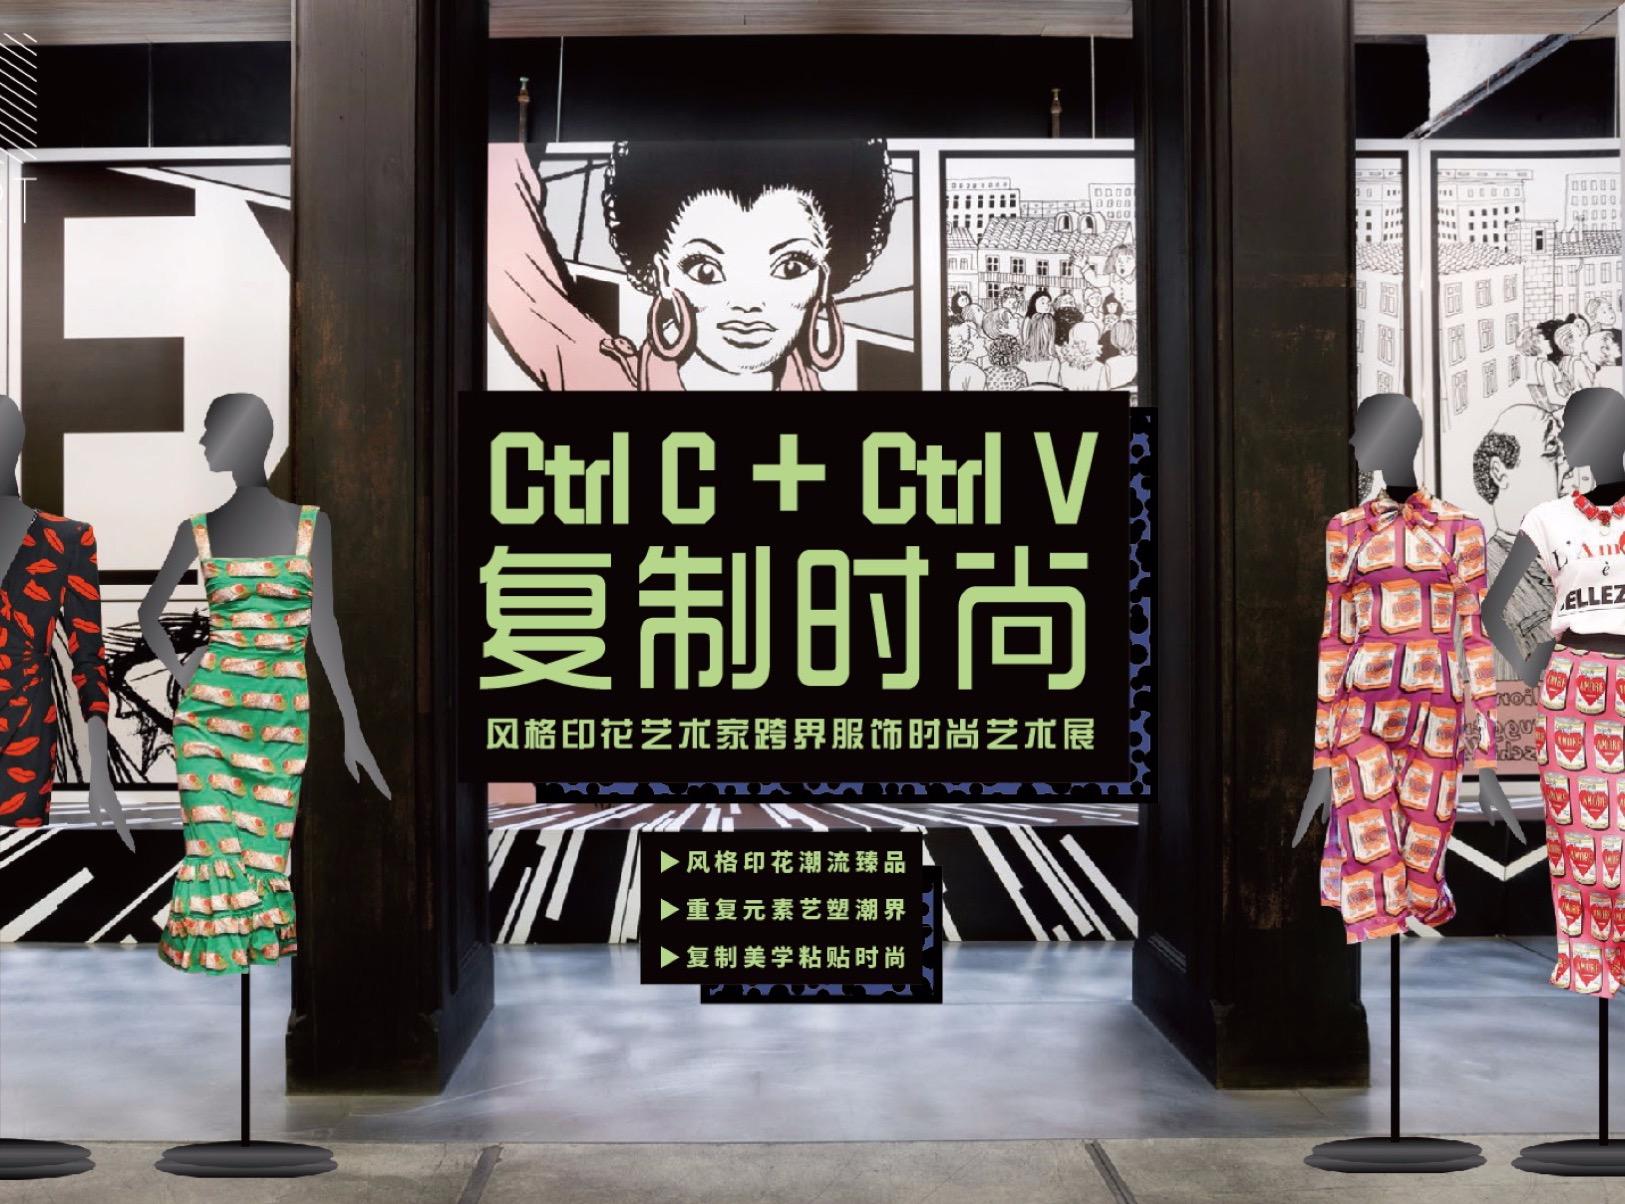 风格印花跨界艺术家服饰时尚艺术展《复制时尚 》—感映艺术